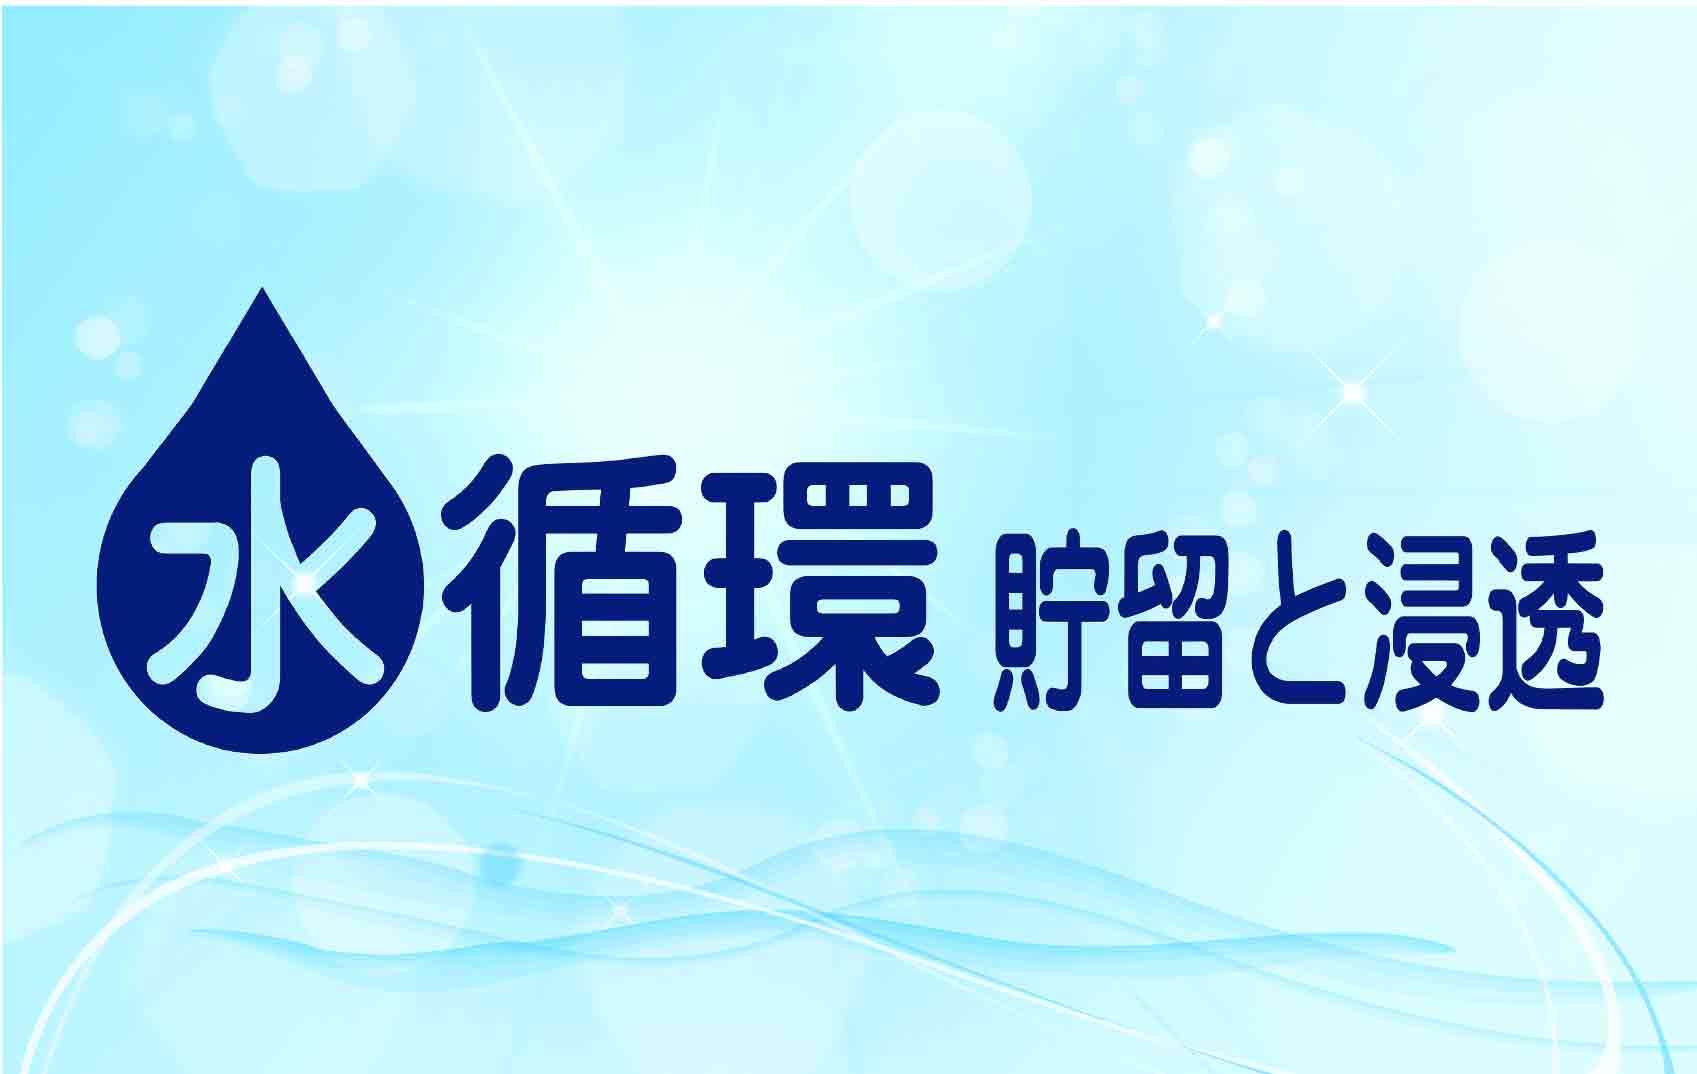 水循環 貯留と浸透 | 雨水貯留浸透技術協会